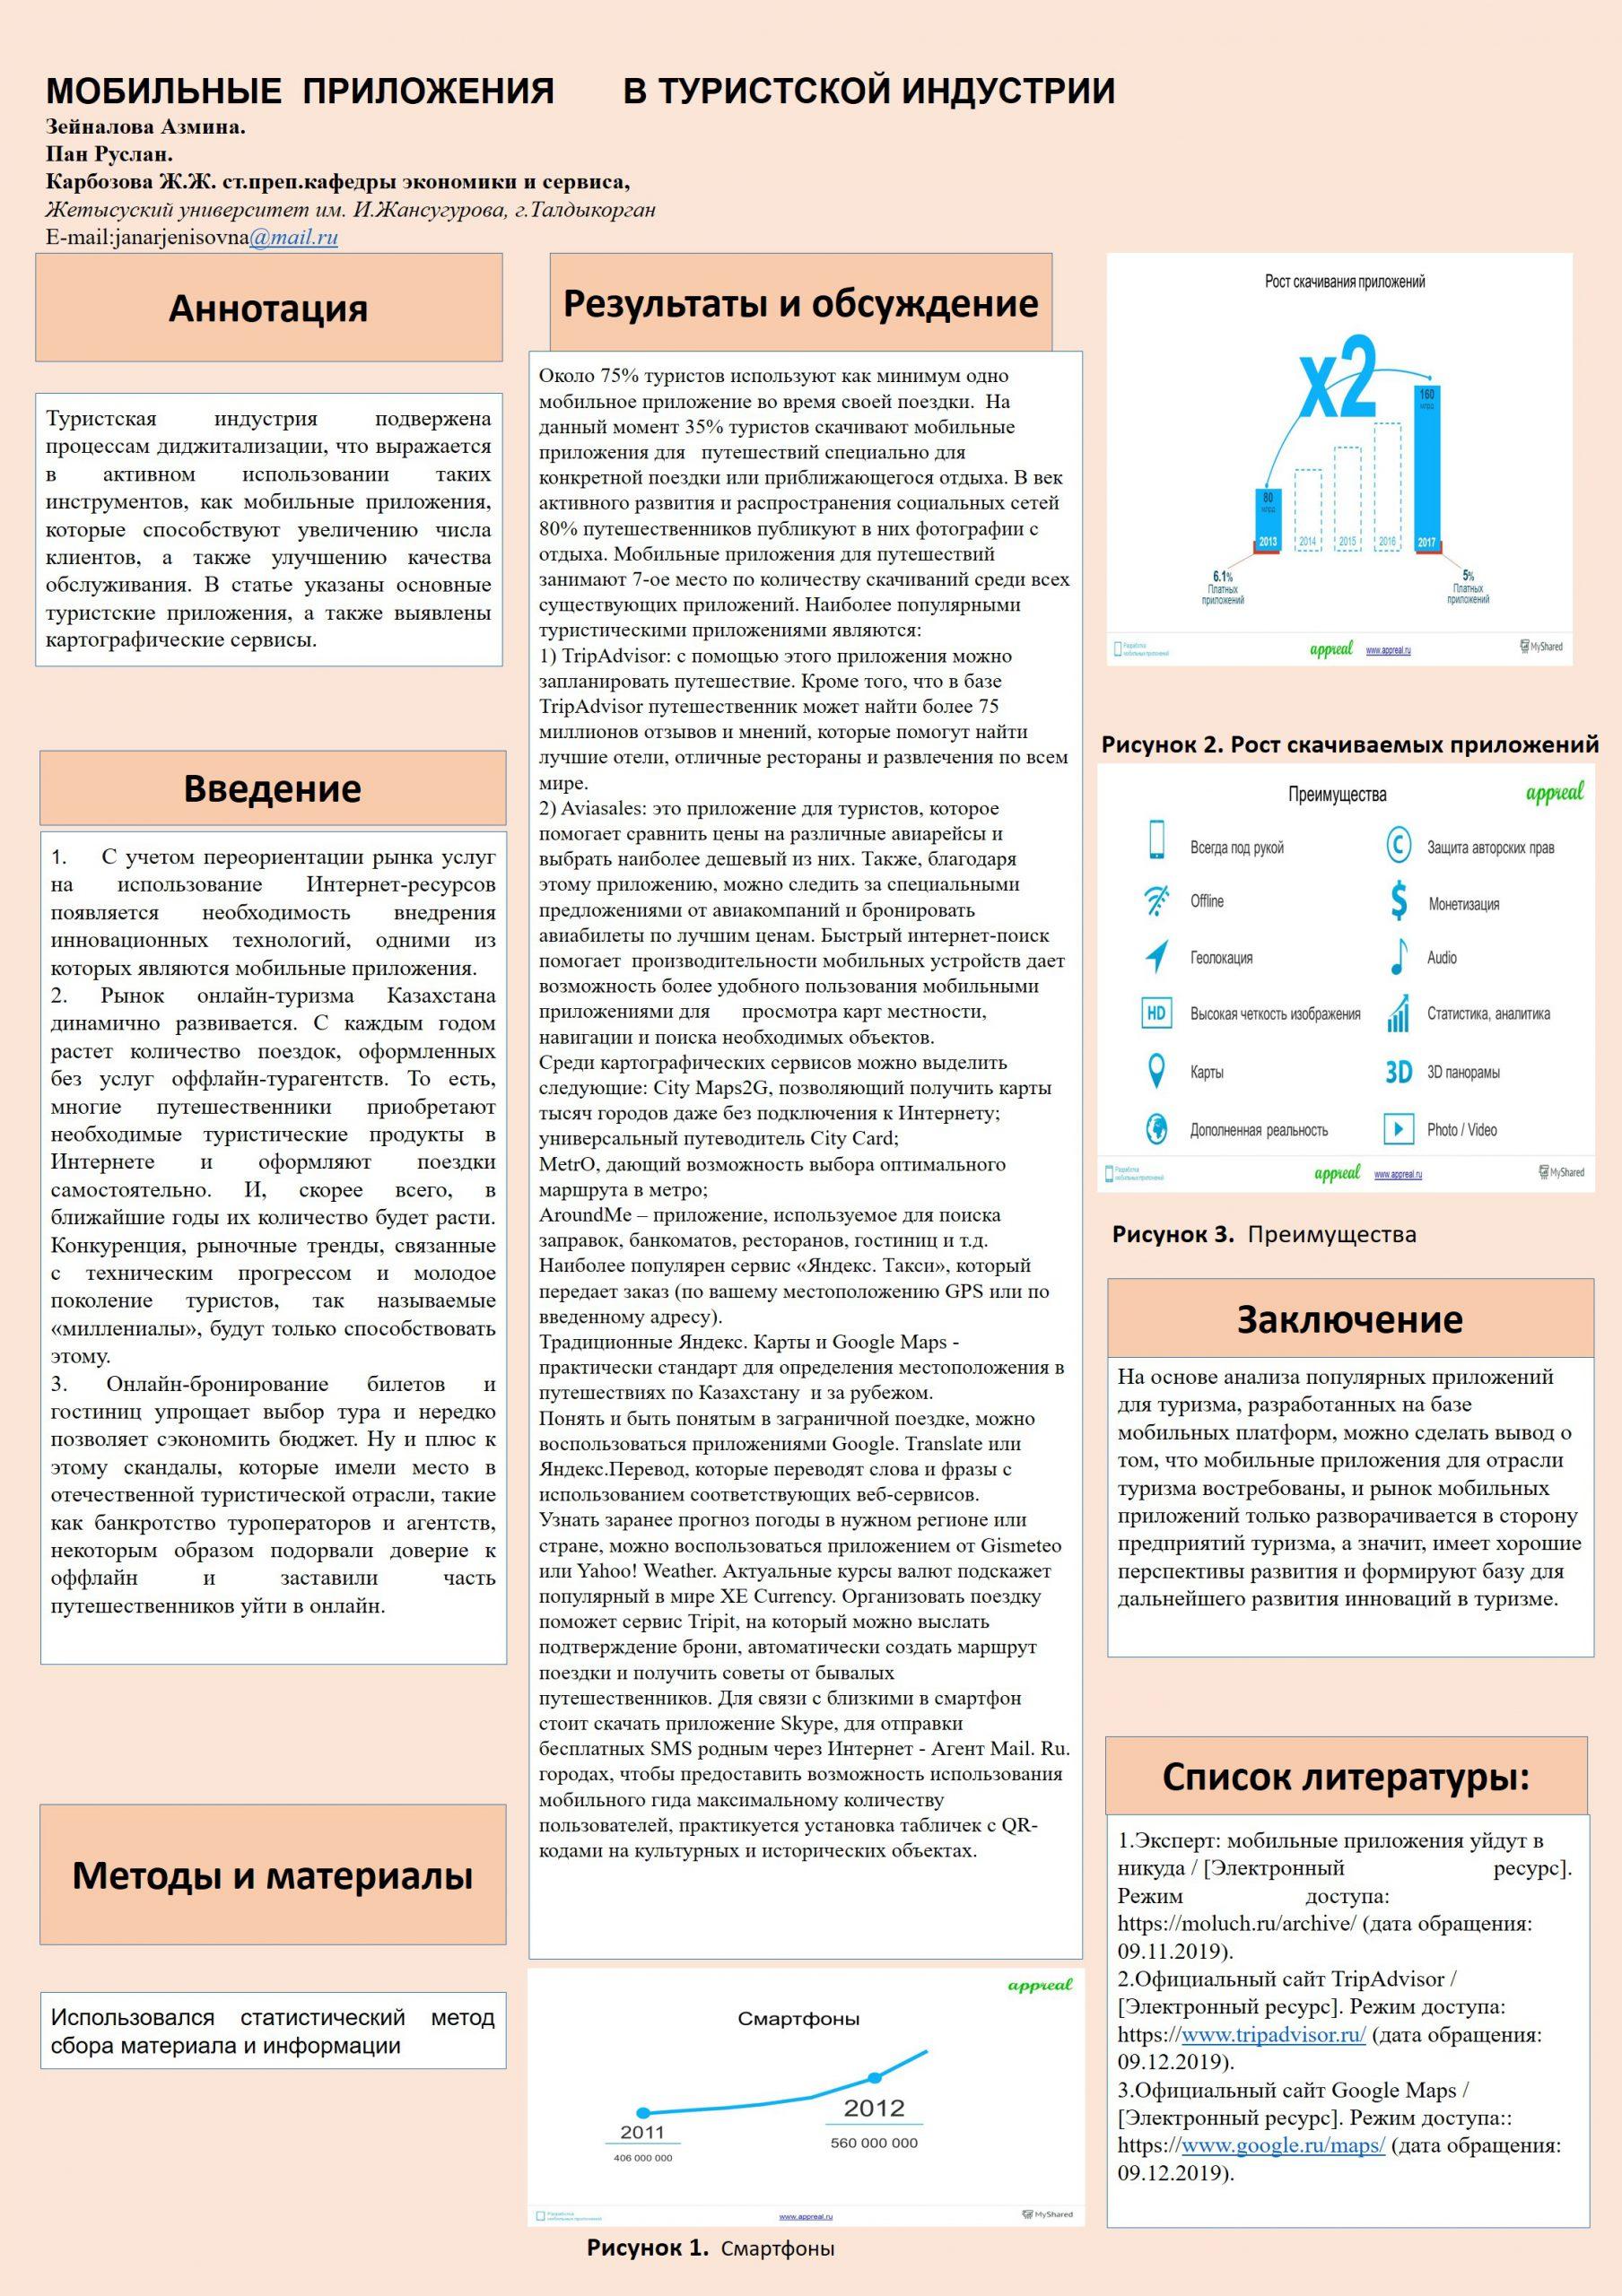 3-место-Зейналова-и-Пан-scaled